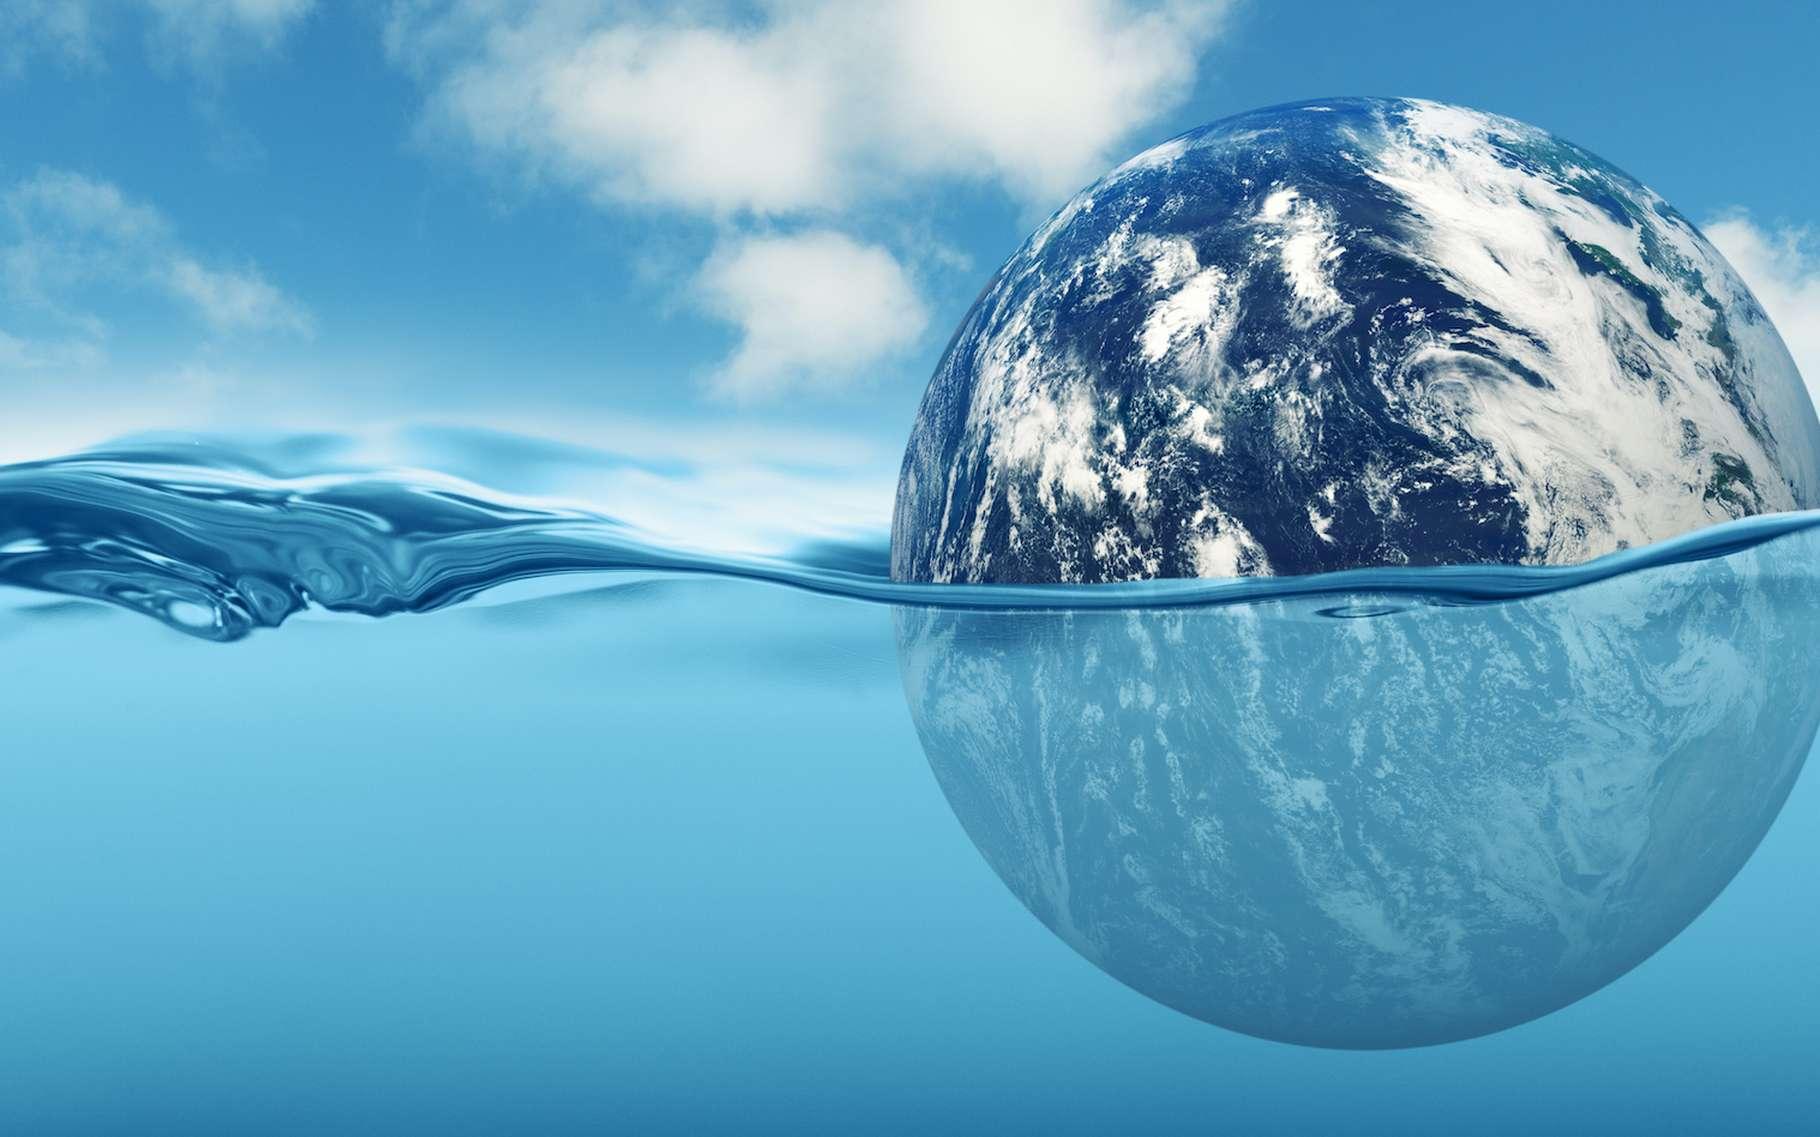 Avec le réchauffement climatique, le niveau de la mer va s'élever. © freie-kreation, Adobe Stock